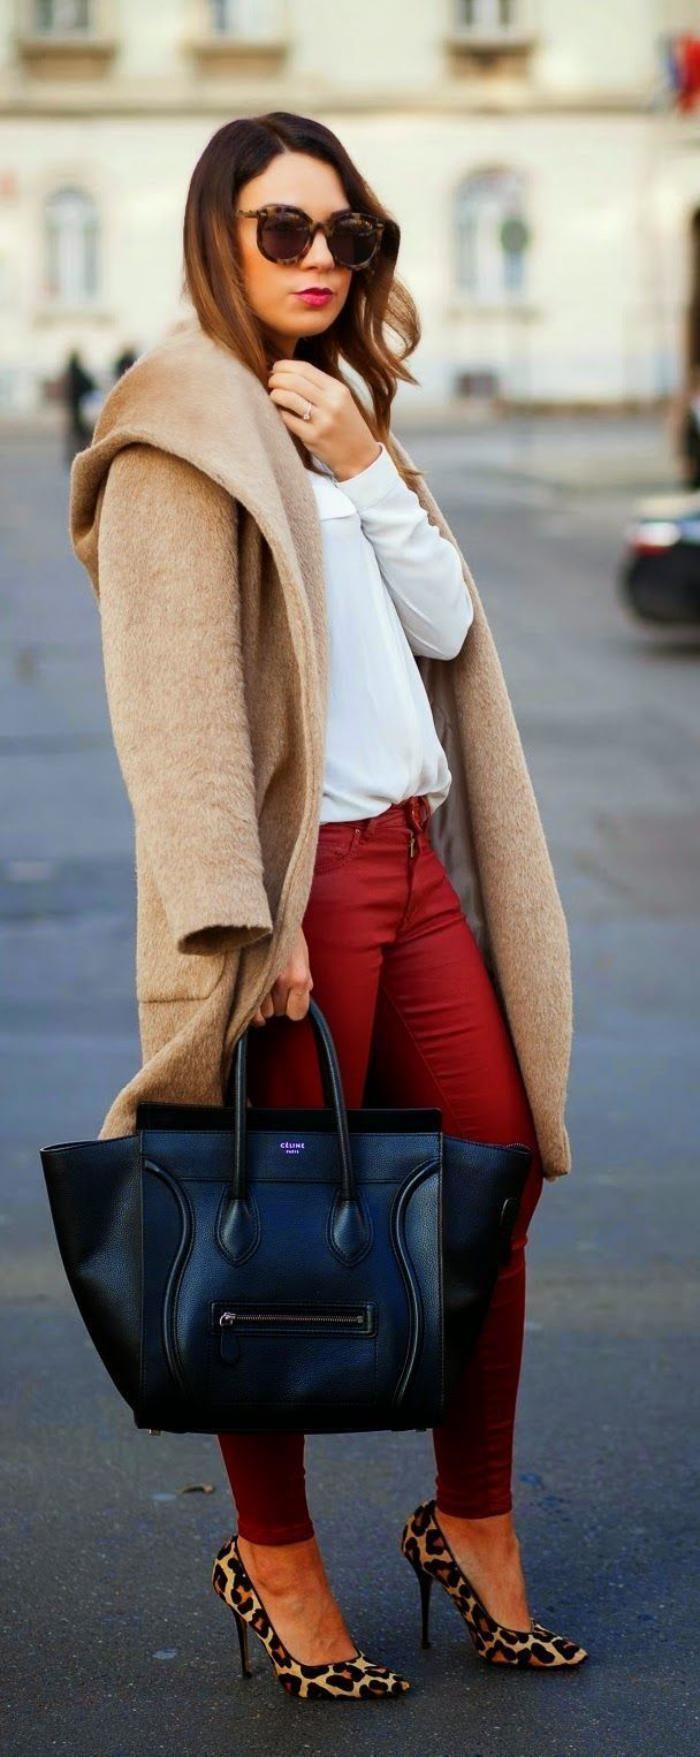 manteau camel, joli sac en cuir et pantalon rouge